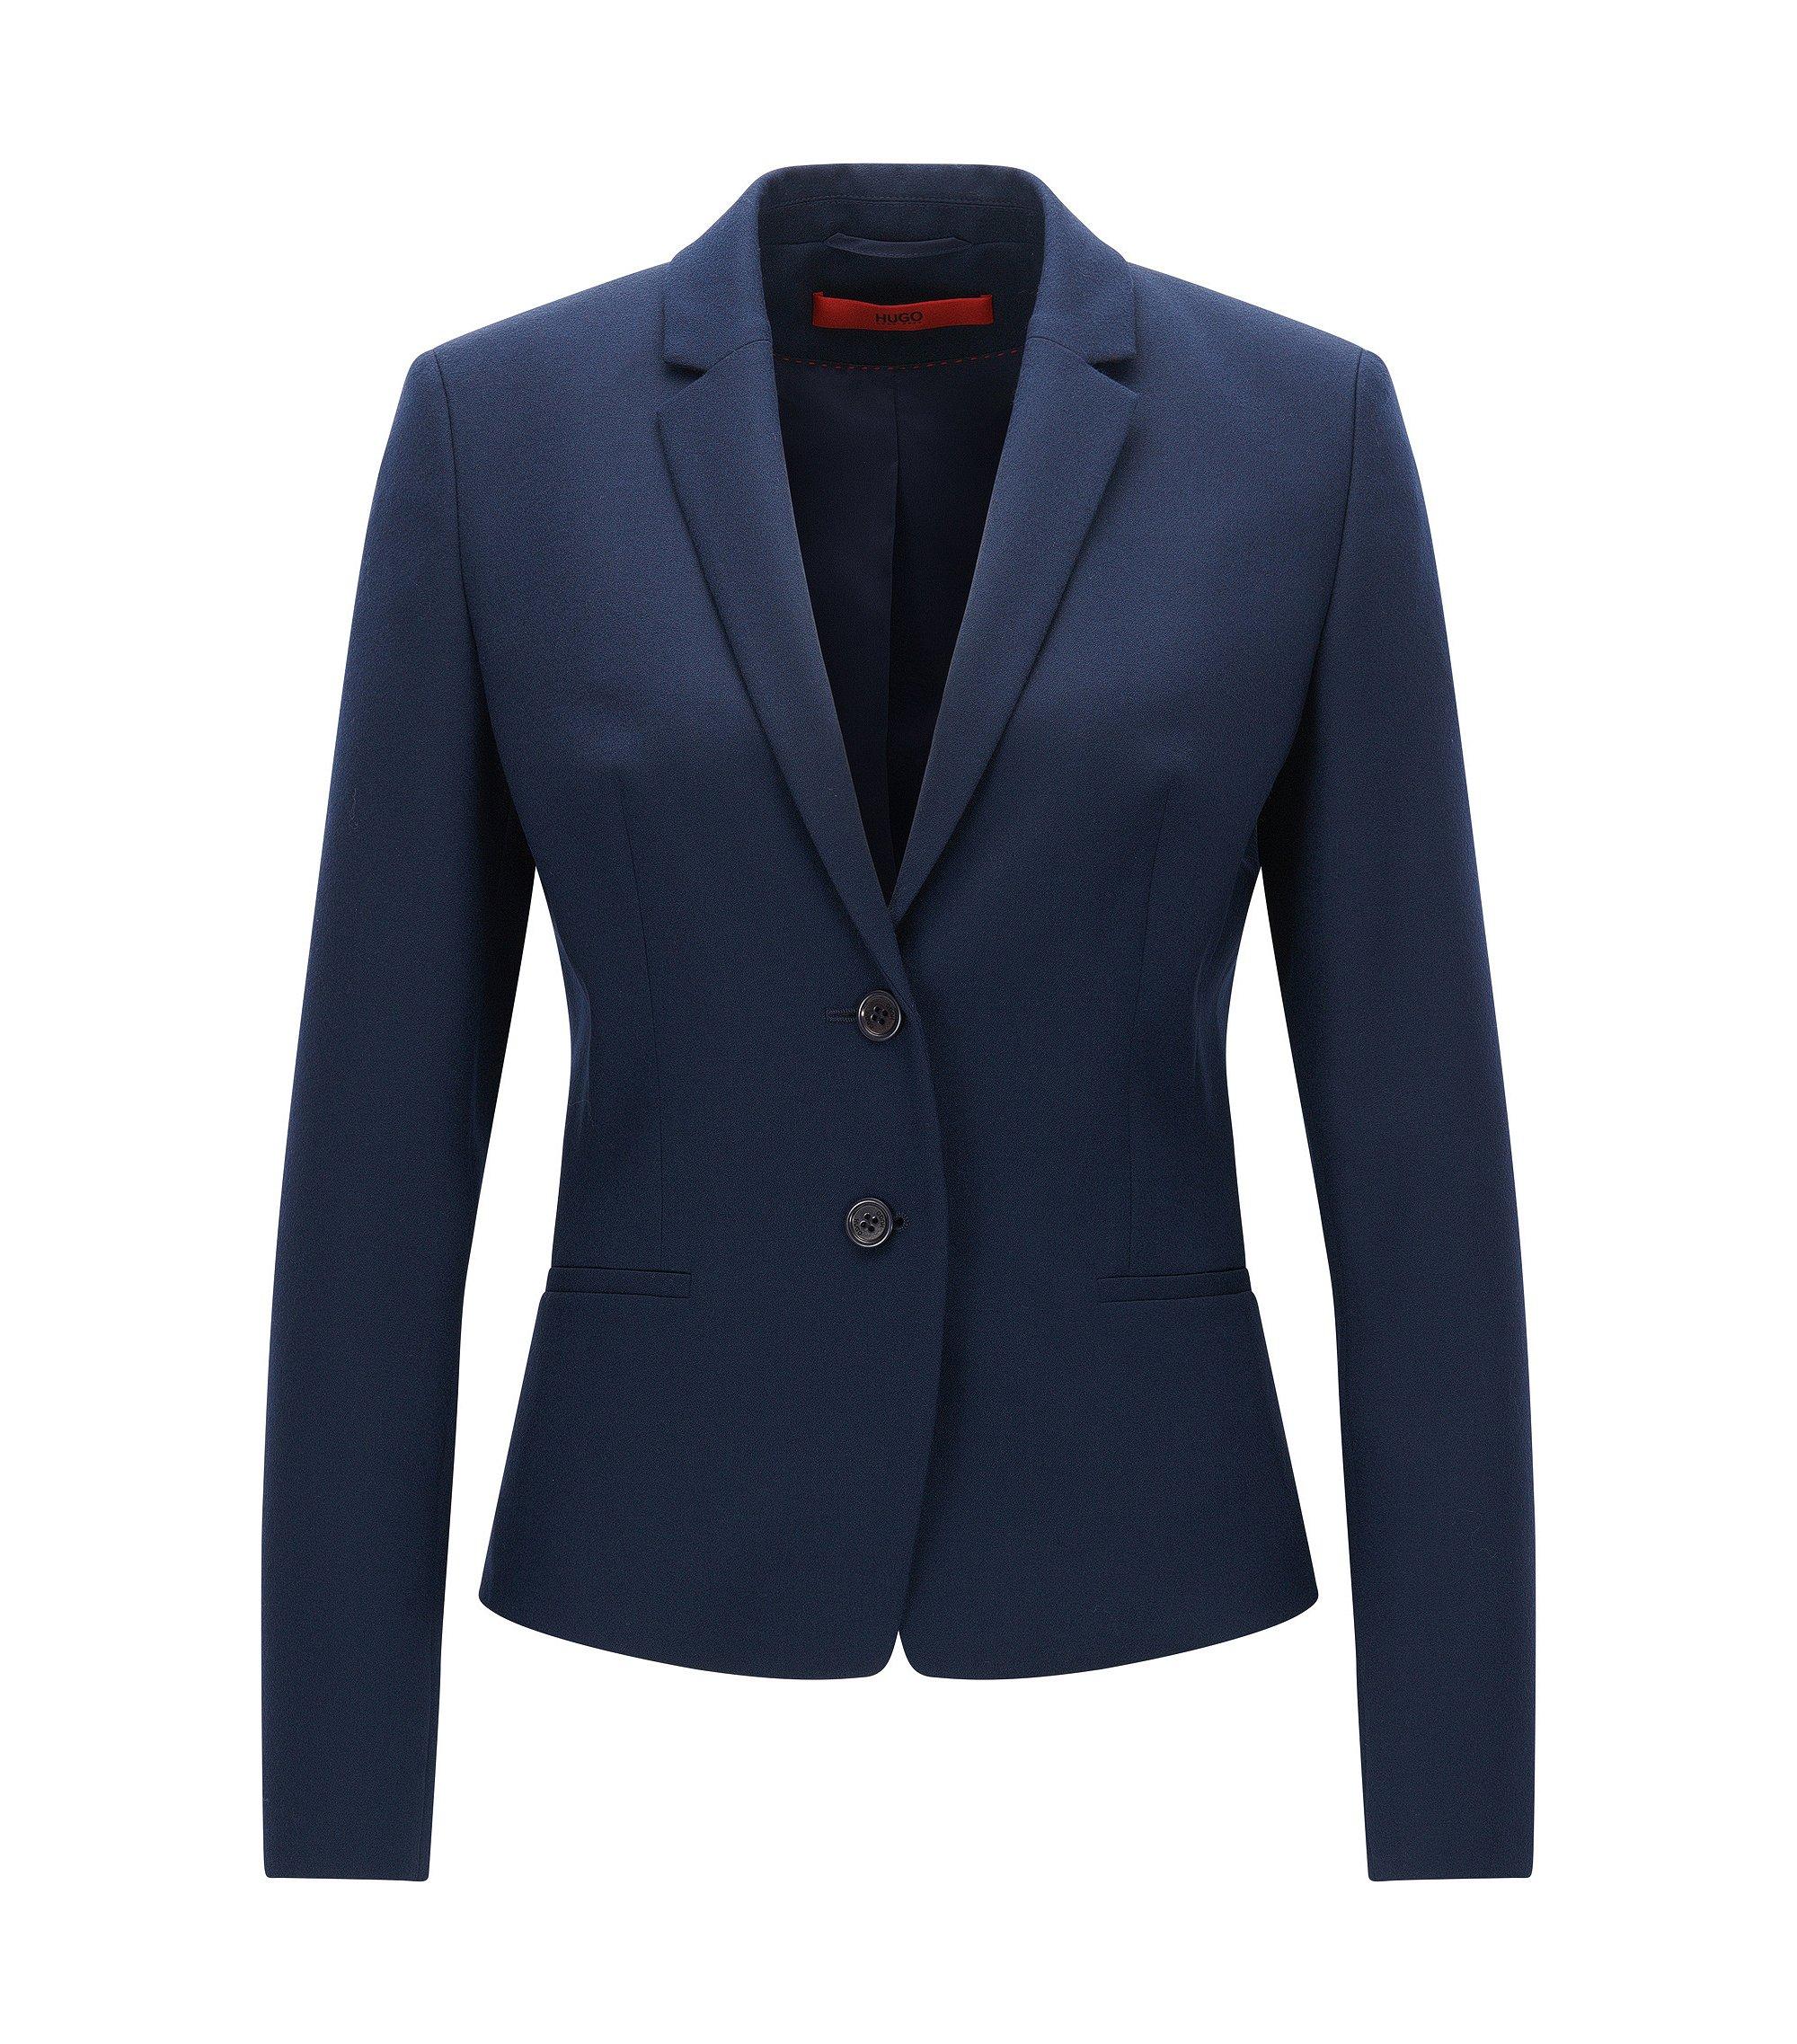 Veste Regular Fit en laine vierge stretch, Bleu foncé